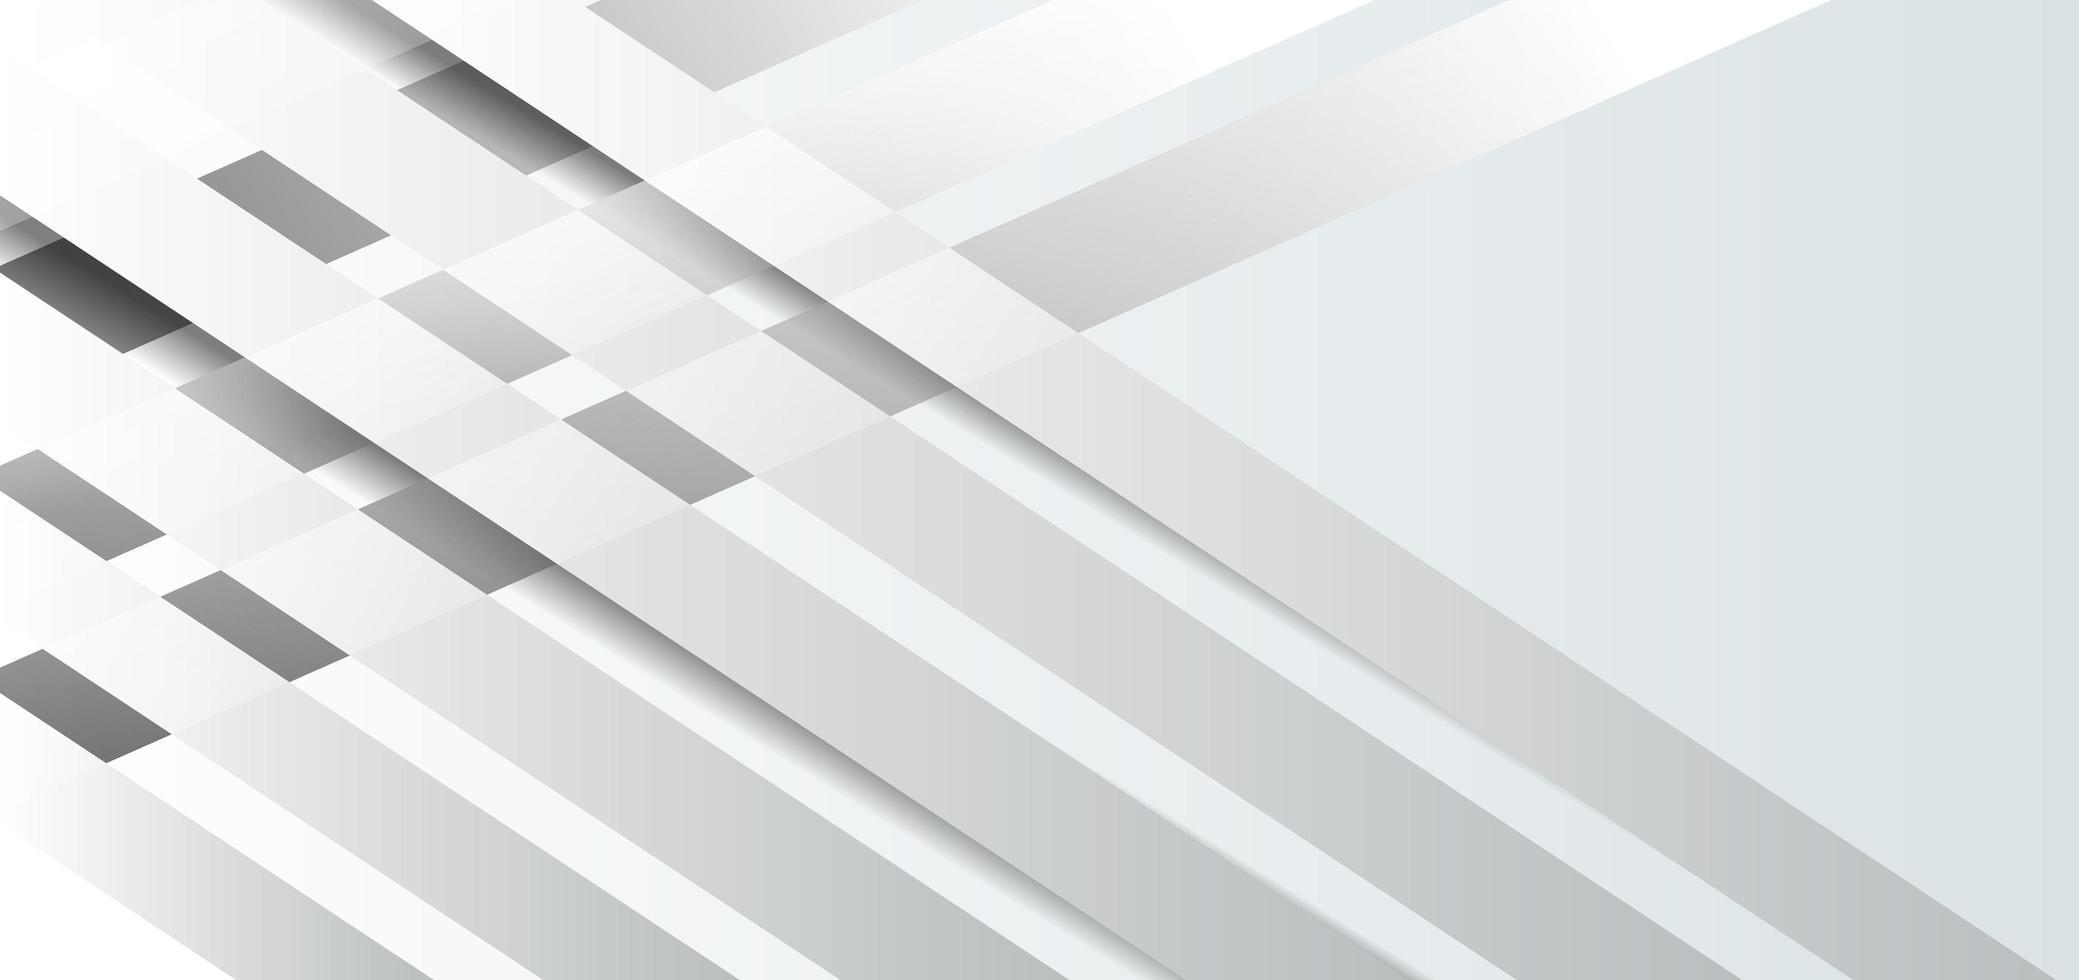 abstracte sjabloon witte en grijze diagonale elementen vector